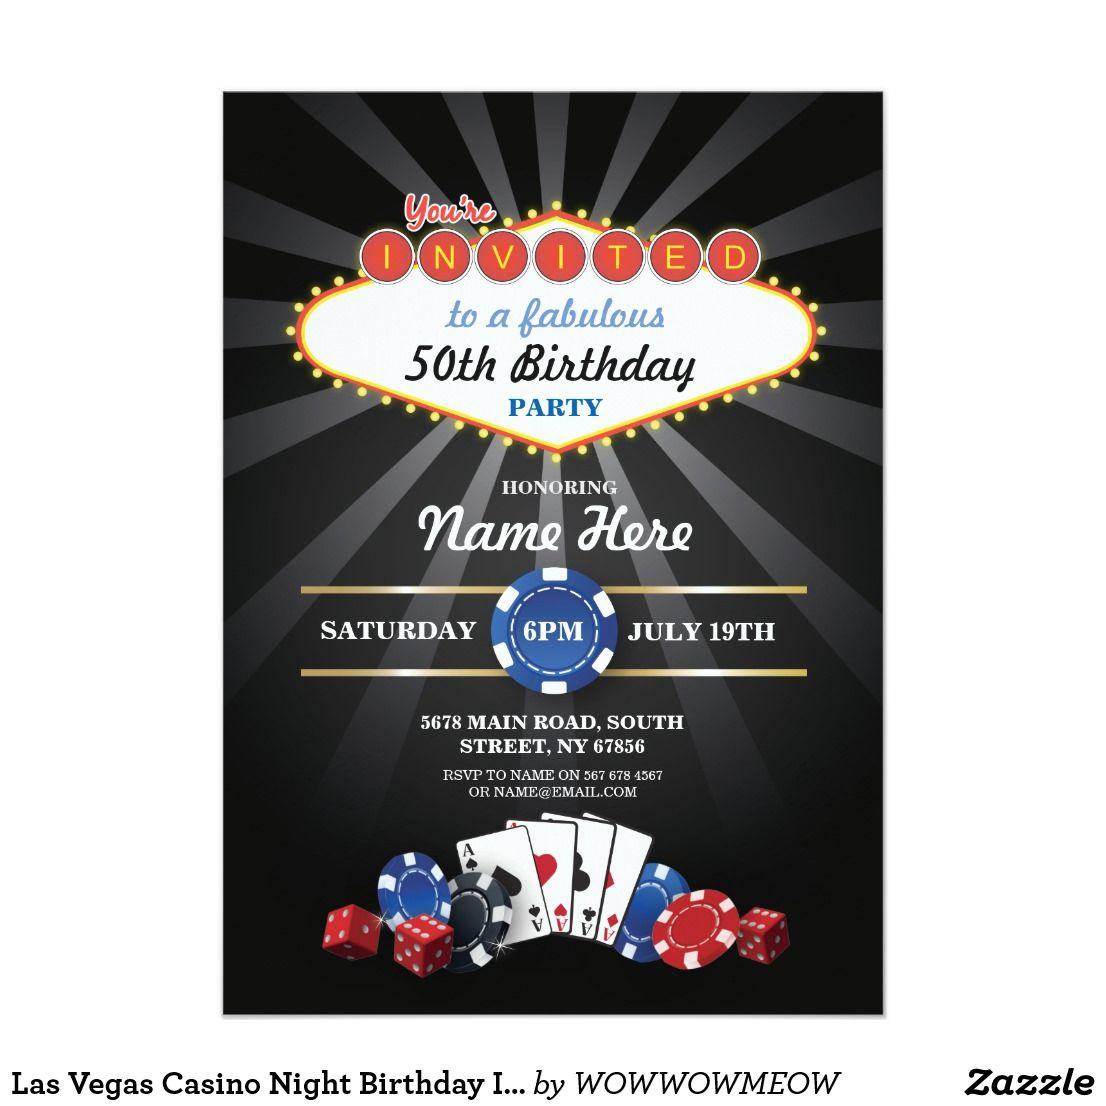 Las Vegas Casino Night Birthday Invite Party Las vegas casinos